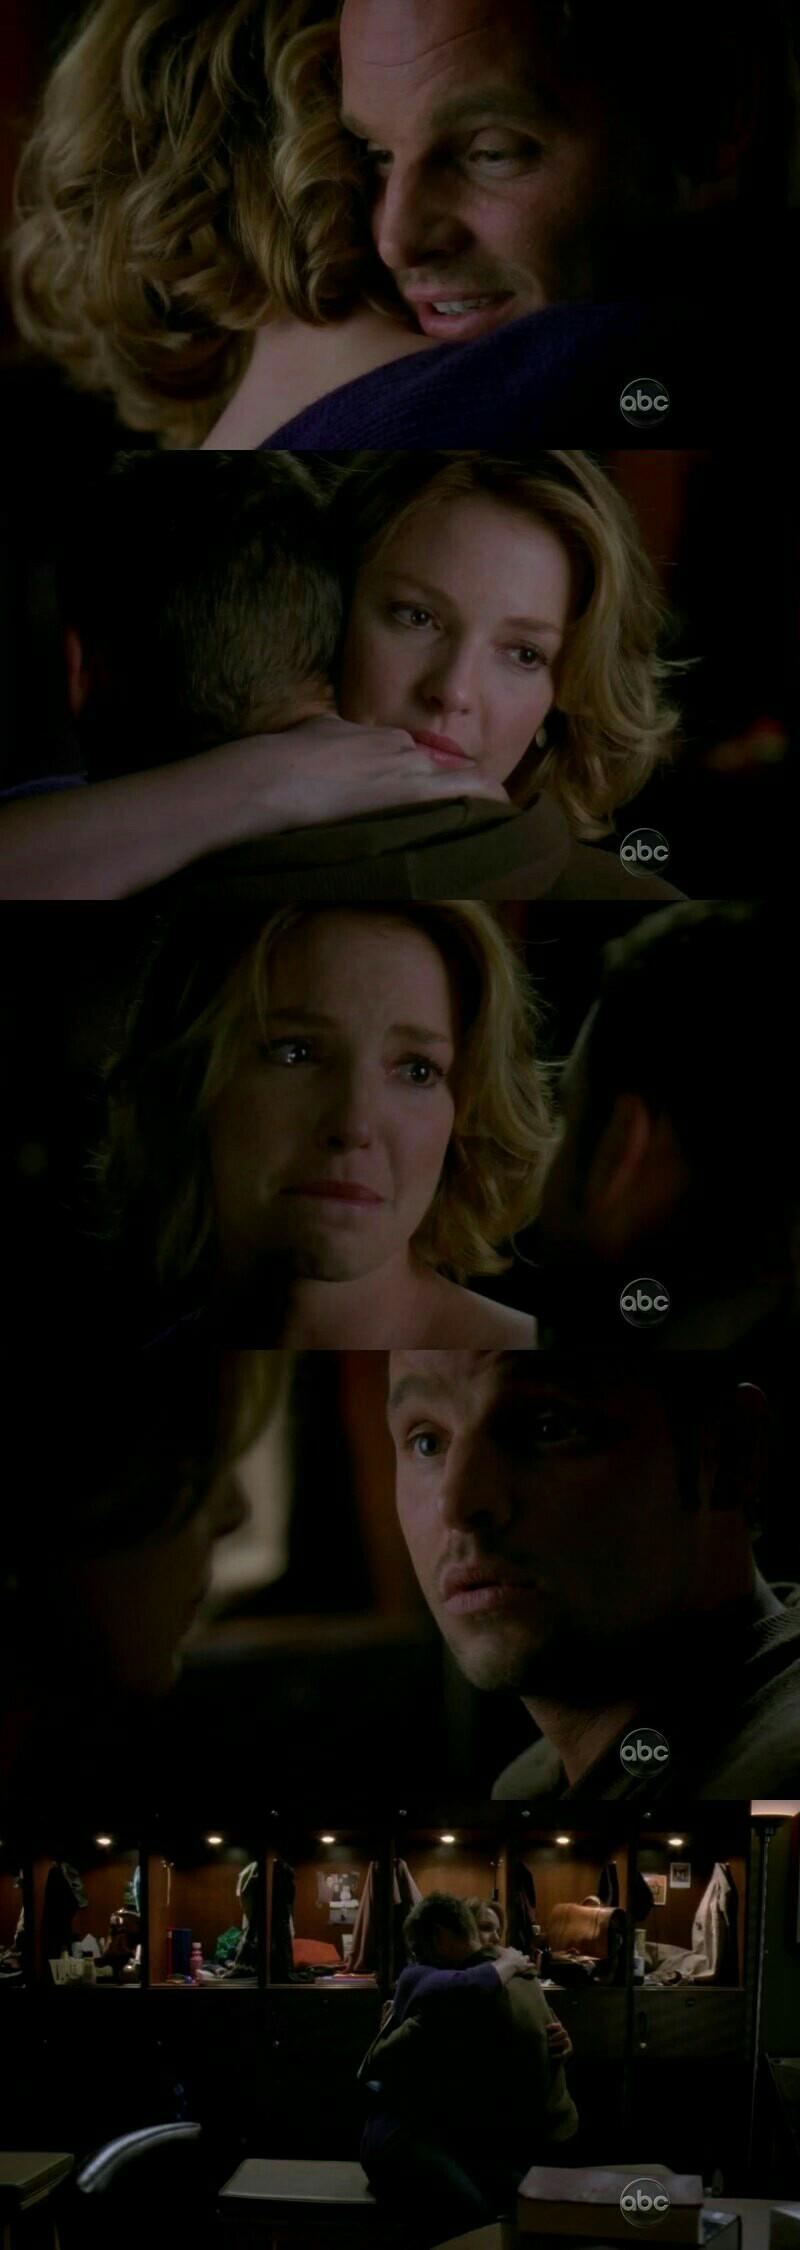 Eu sinto uma falta monstruosa dela.  Minha personagem favorita foi embora e quebrou meu coração.  Izzie,  com tantas lições e uma otima médica.  Sentirei saudades eternas.